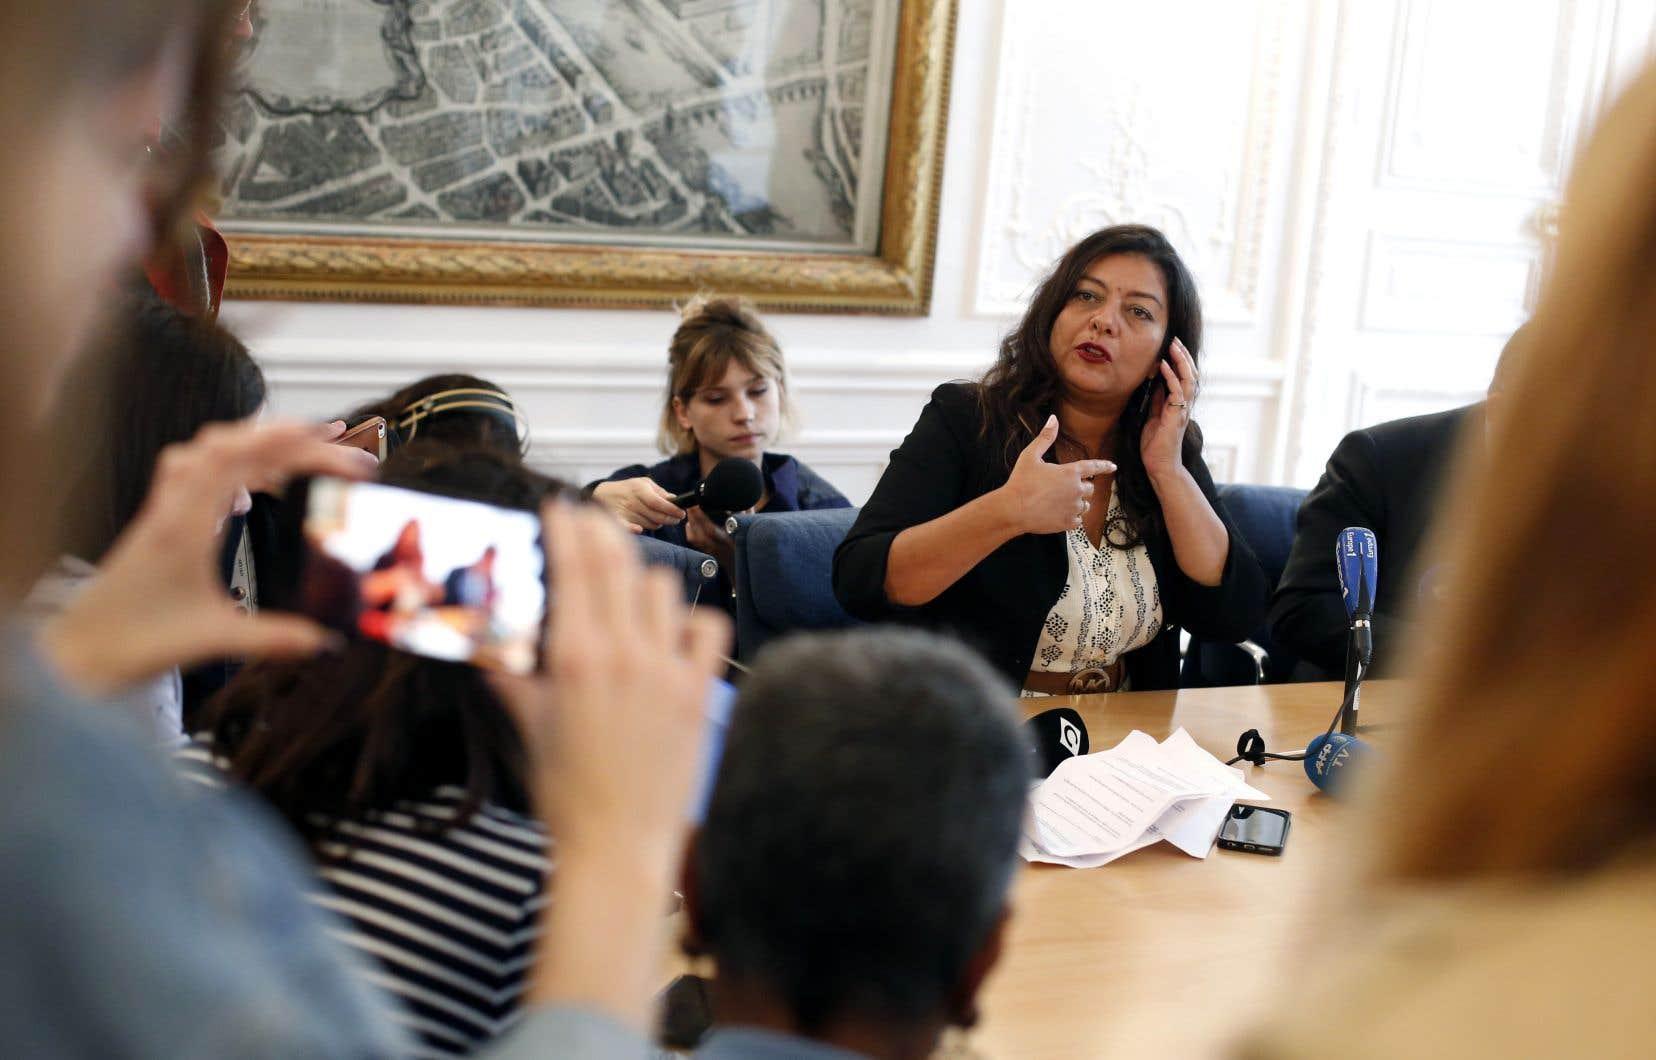 Sandra Muller, l'une des «briseuses de silence» désignées par le magazine «Time» comme «personnalités de l'année» 2017, a été condamnée par le tribunal de Paris à payer 15000euros (21800$) de dommages et intérêts.